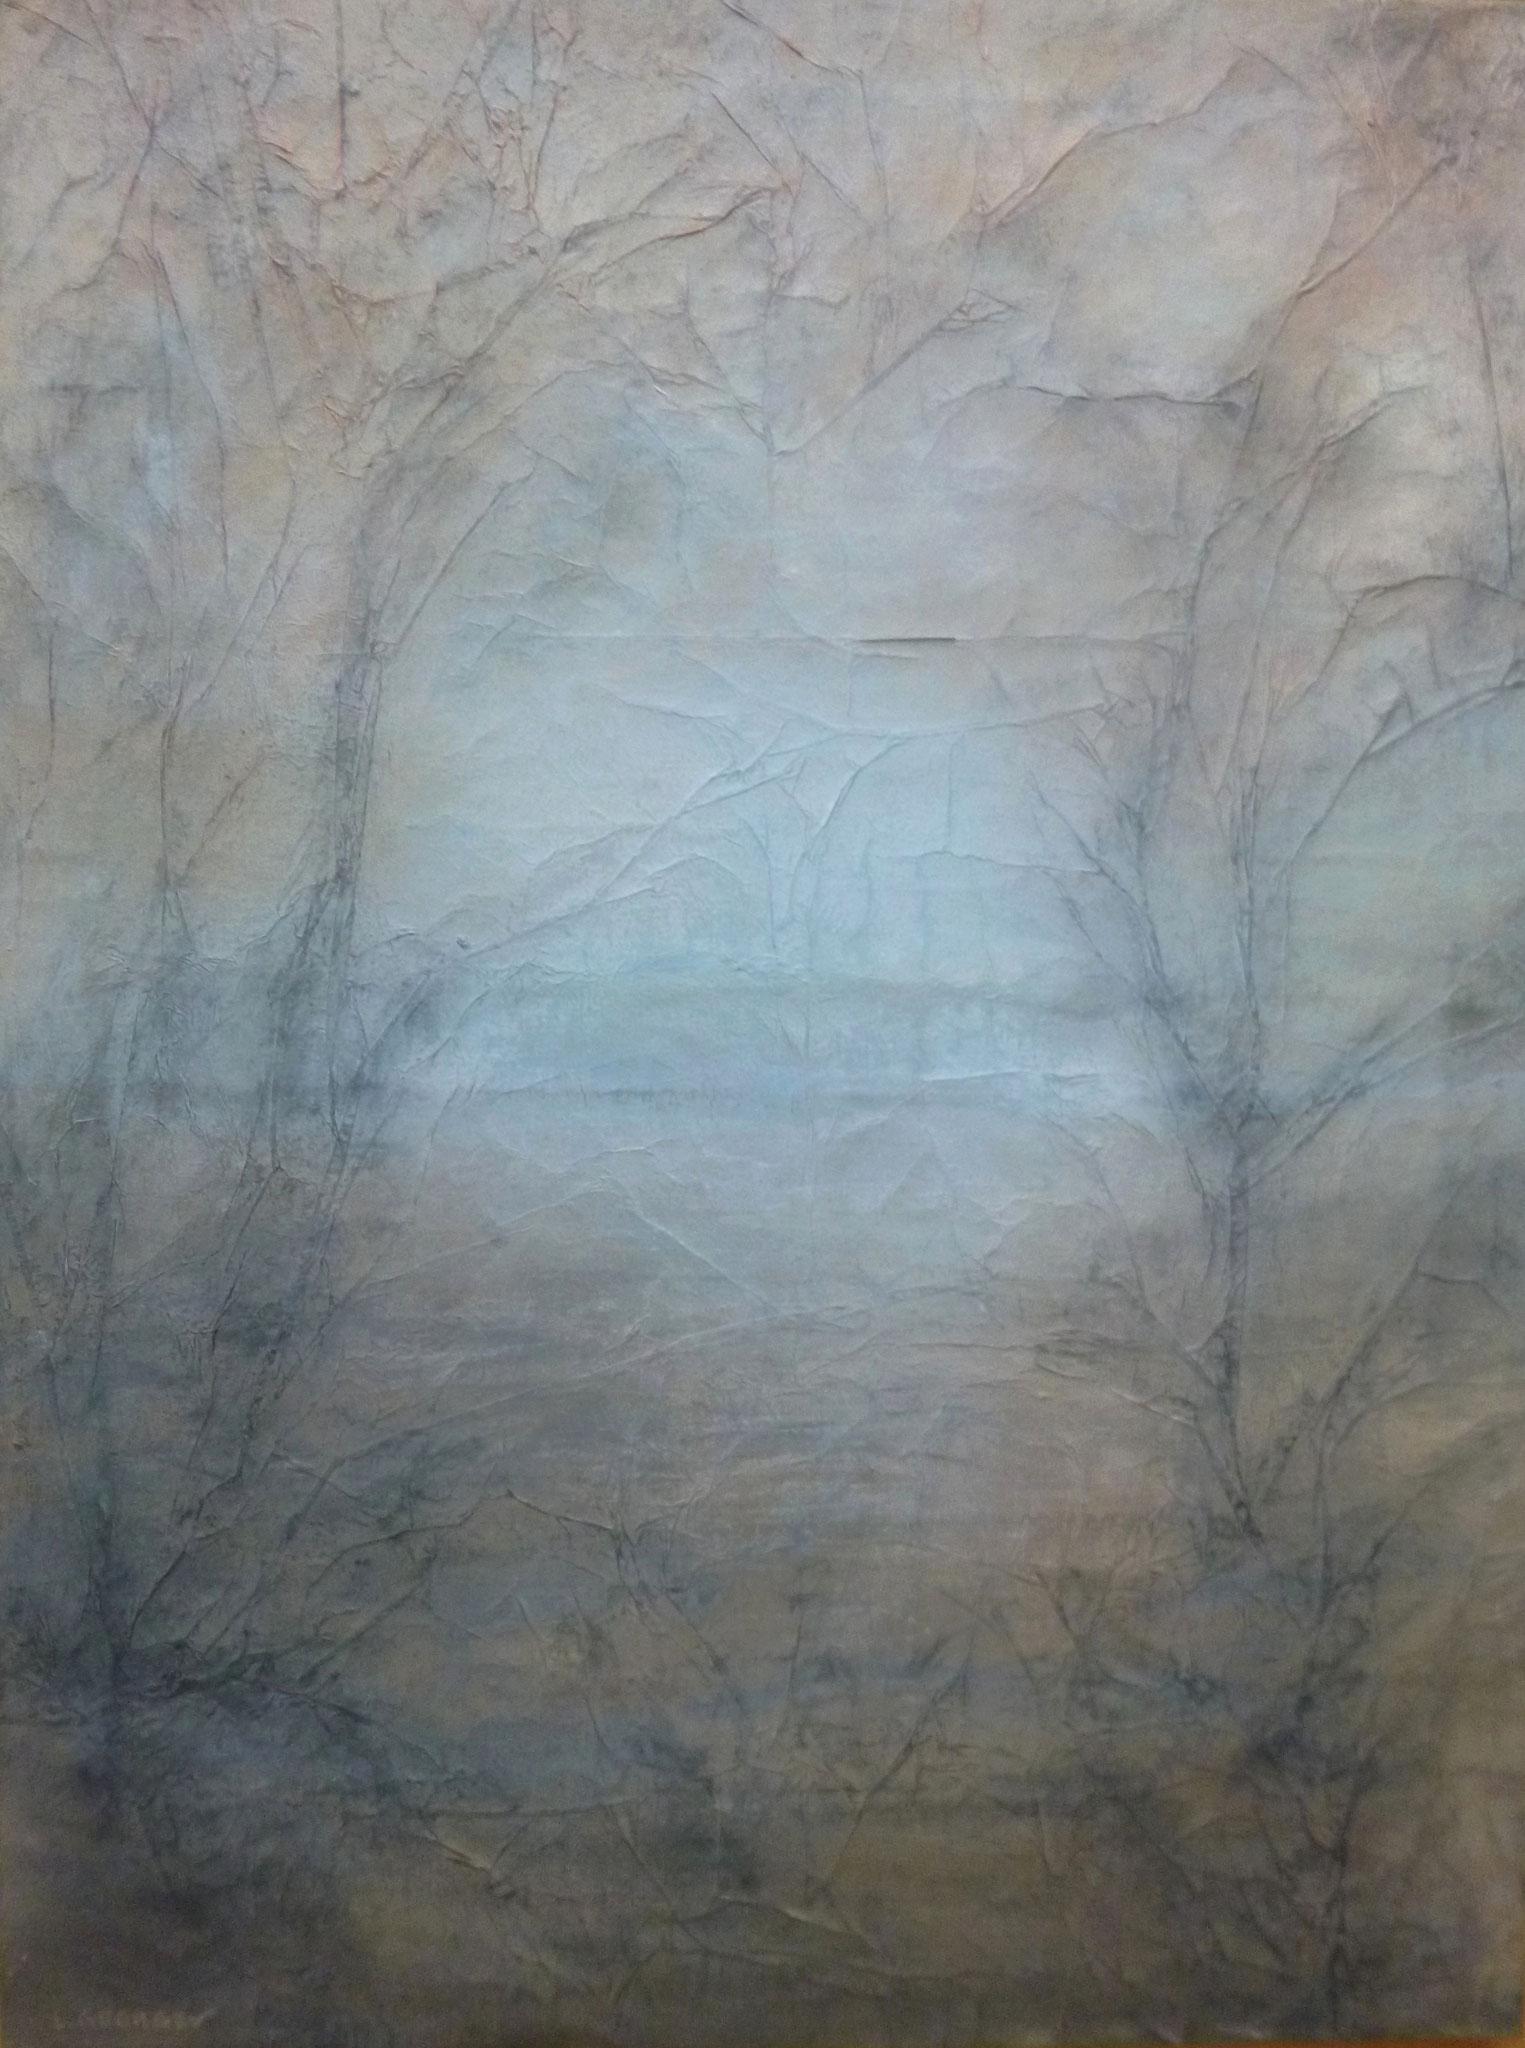 AZUR, techniques mixtes sur toile, 61x46cm